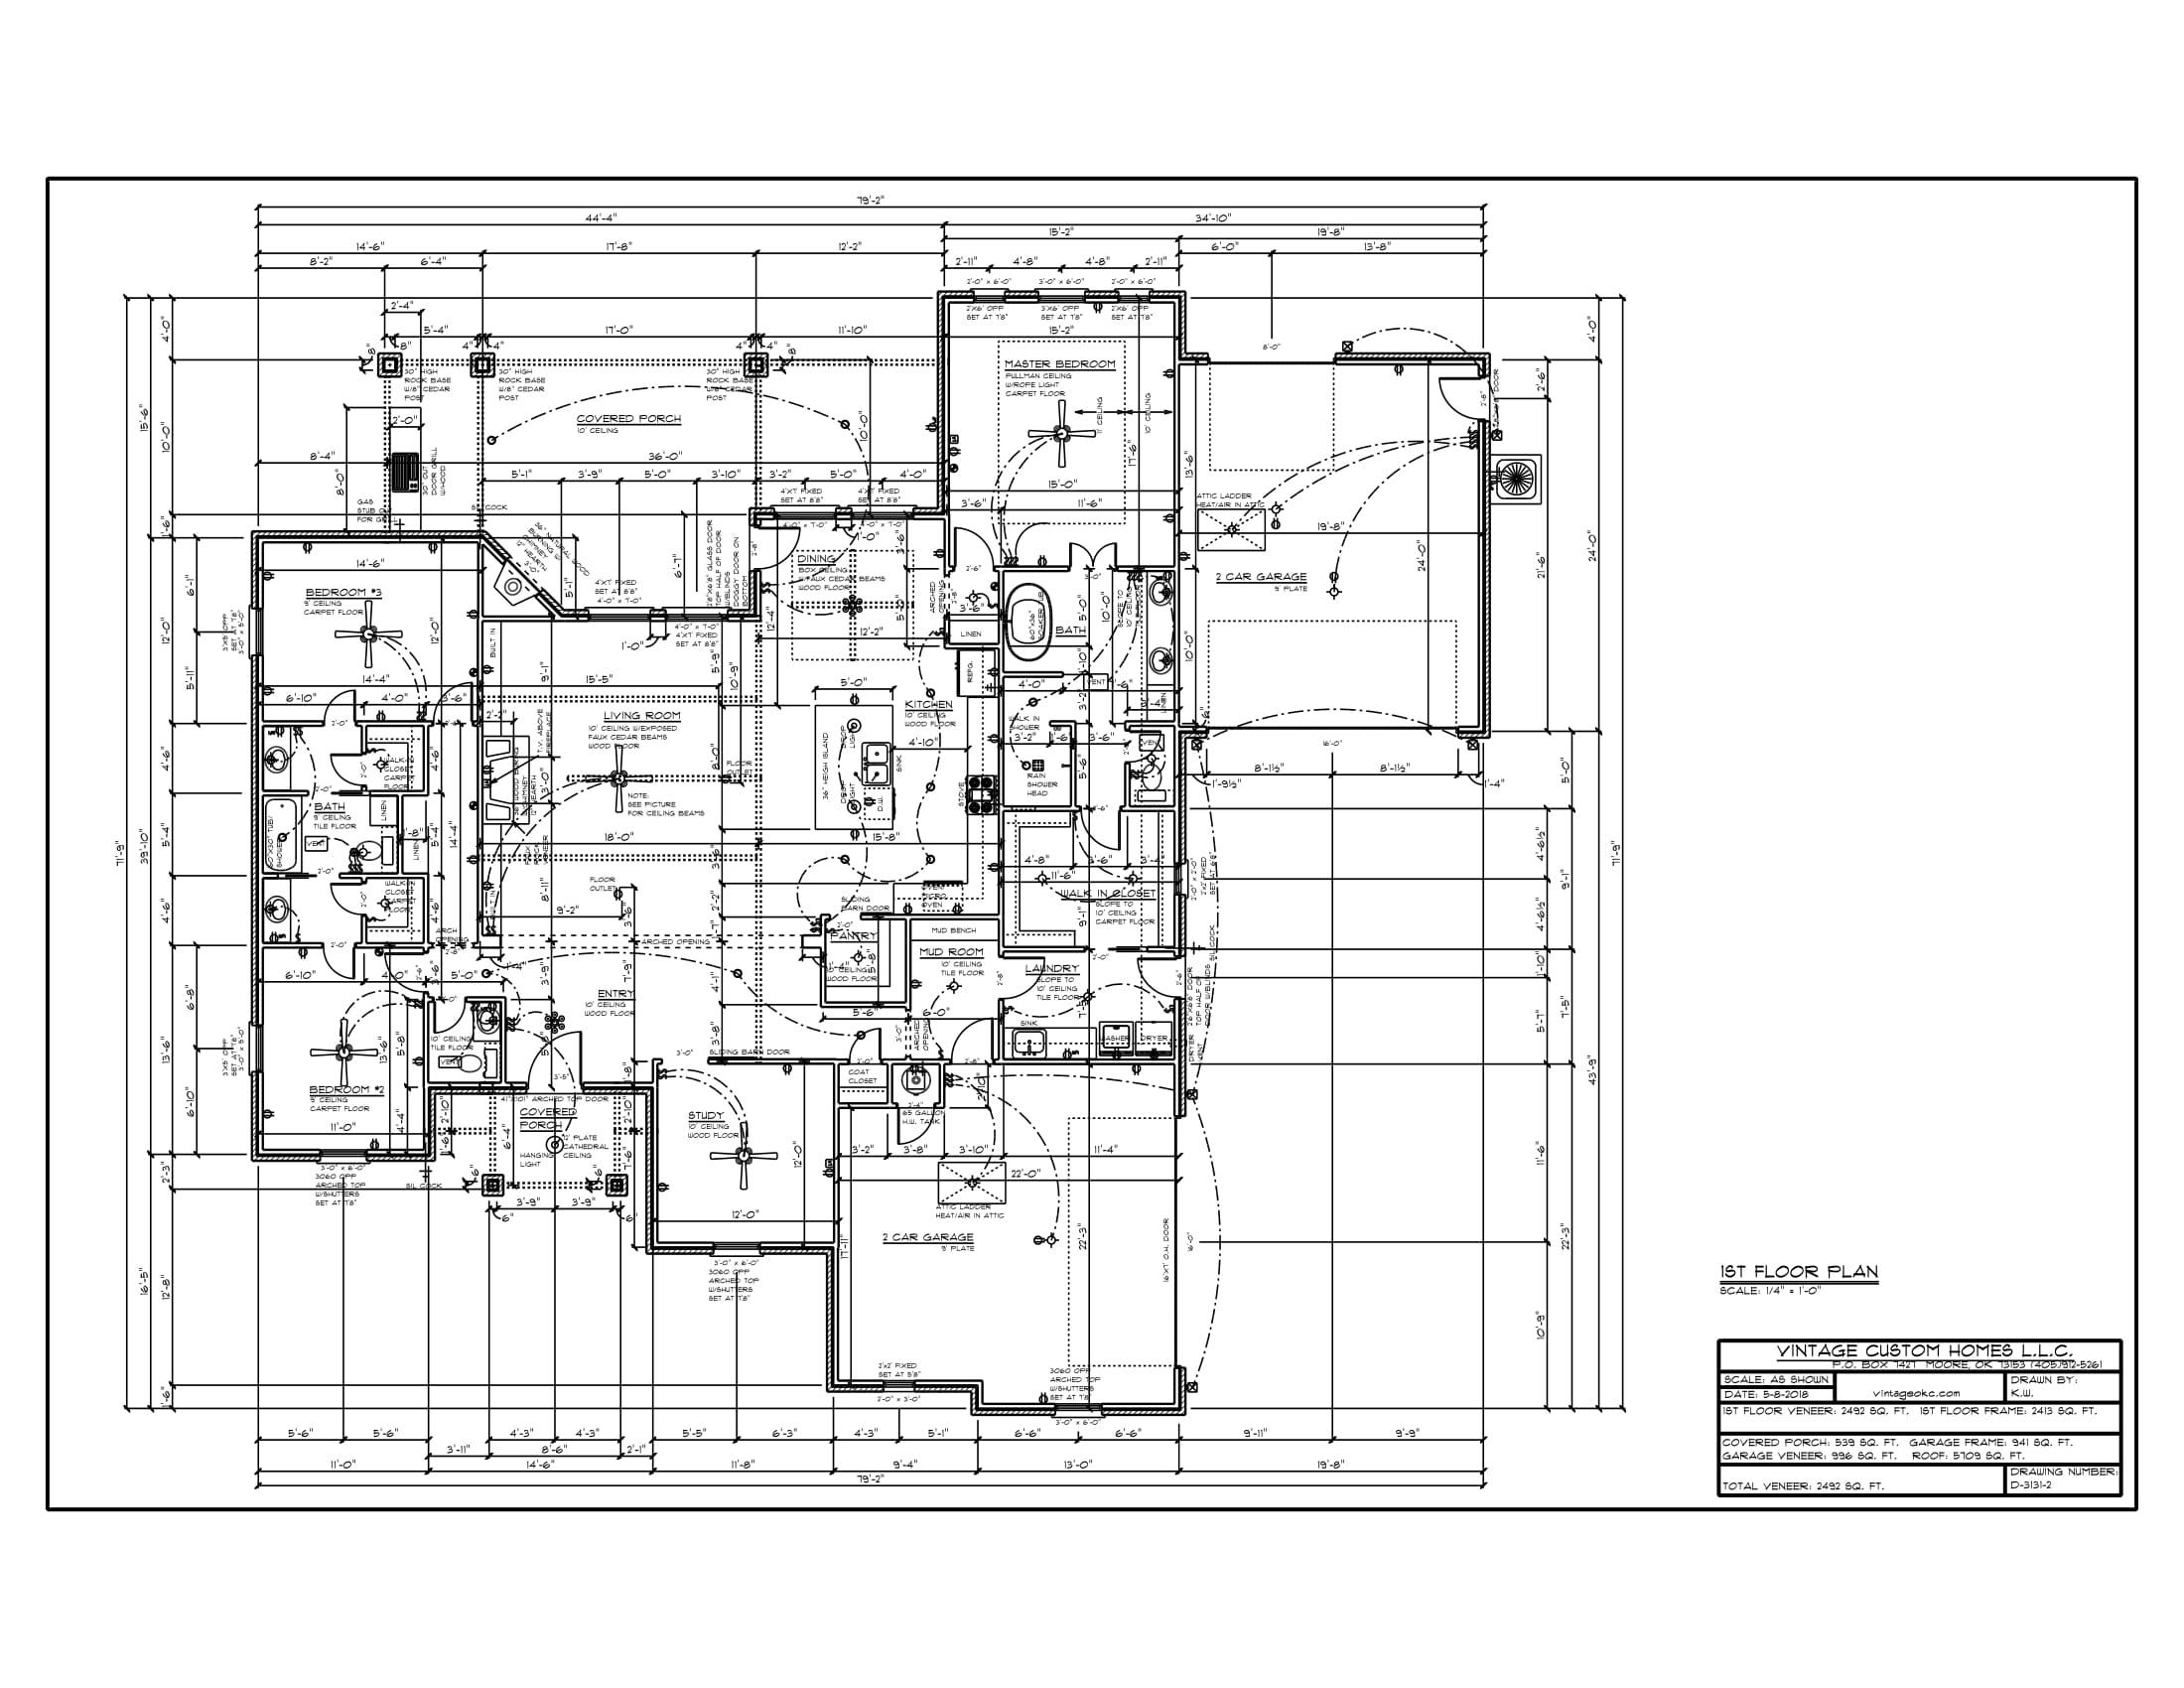 Floor Plan D-3131-2 2492 sqft